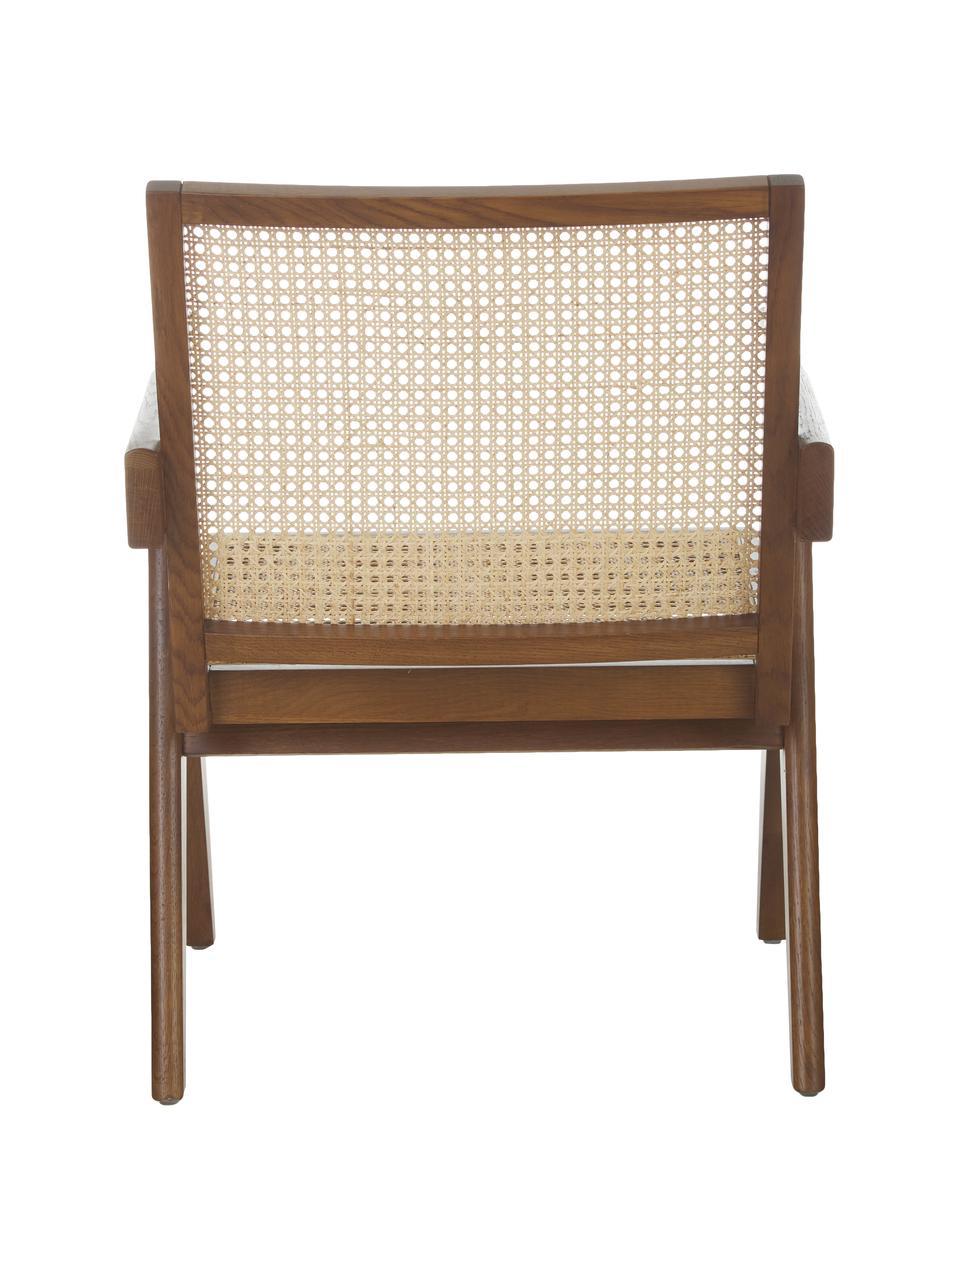 Fotel wypoczynkowy z plecionką wiedeńską Sissi, Stelaż: lite drewno dębowe, Drewno dębowe, S 58 x G 66 cm